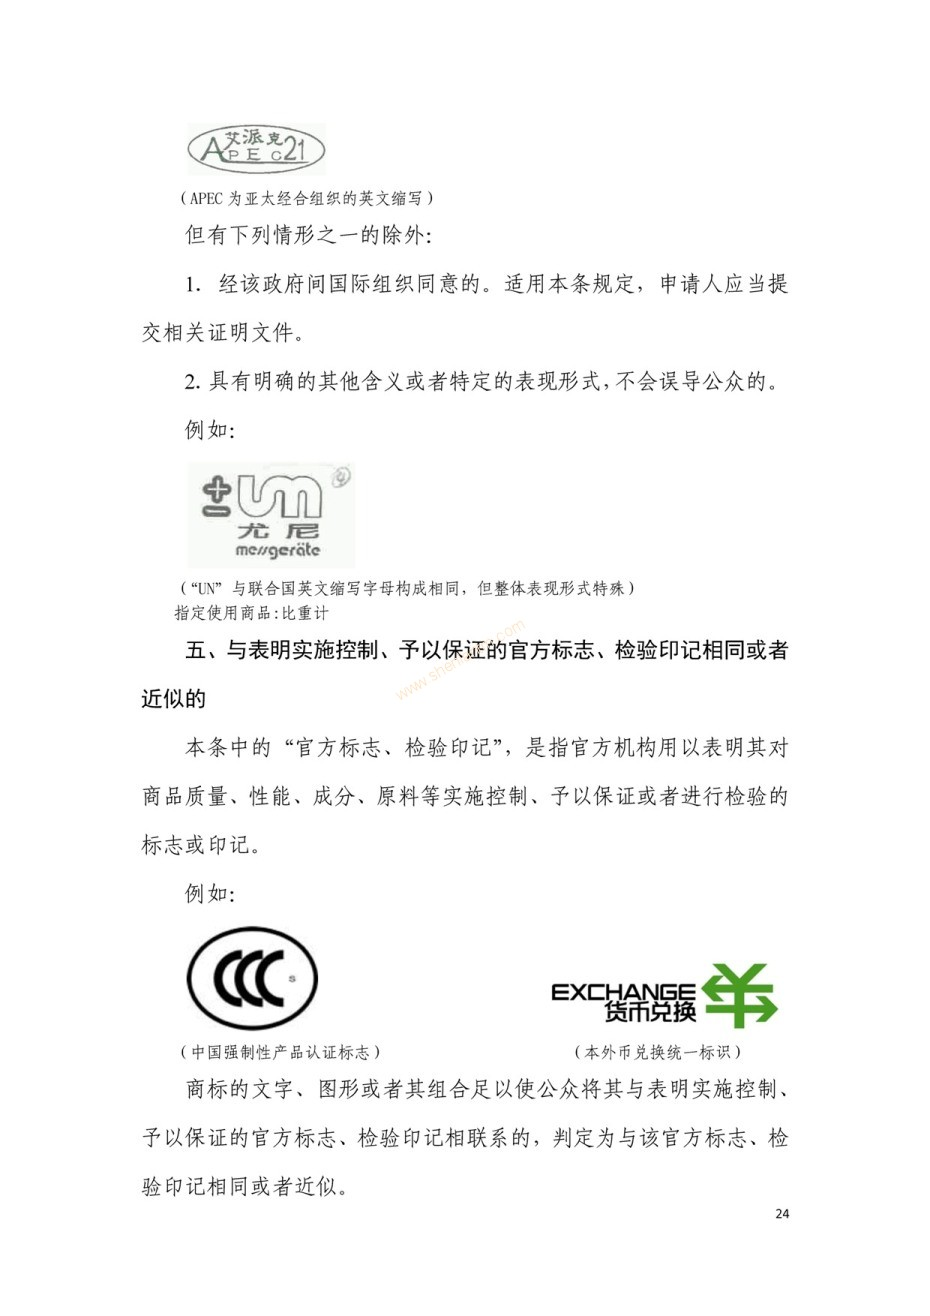 商标审查及审理标准2016版_页面_024